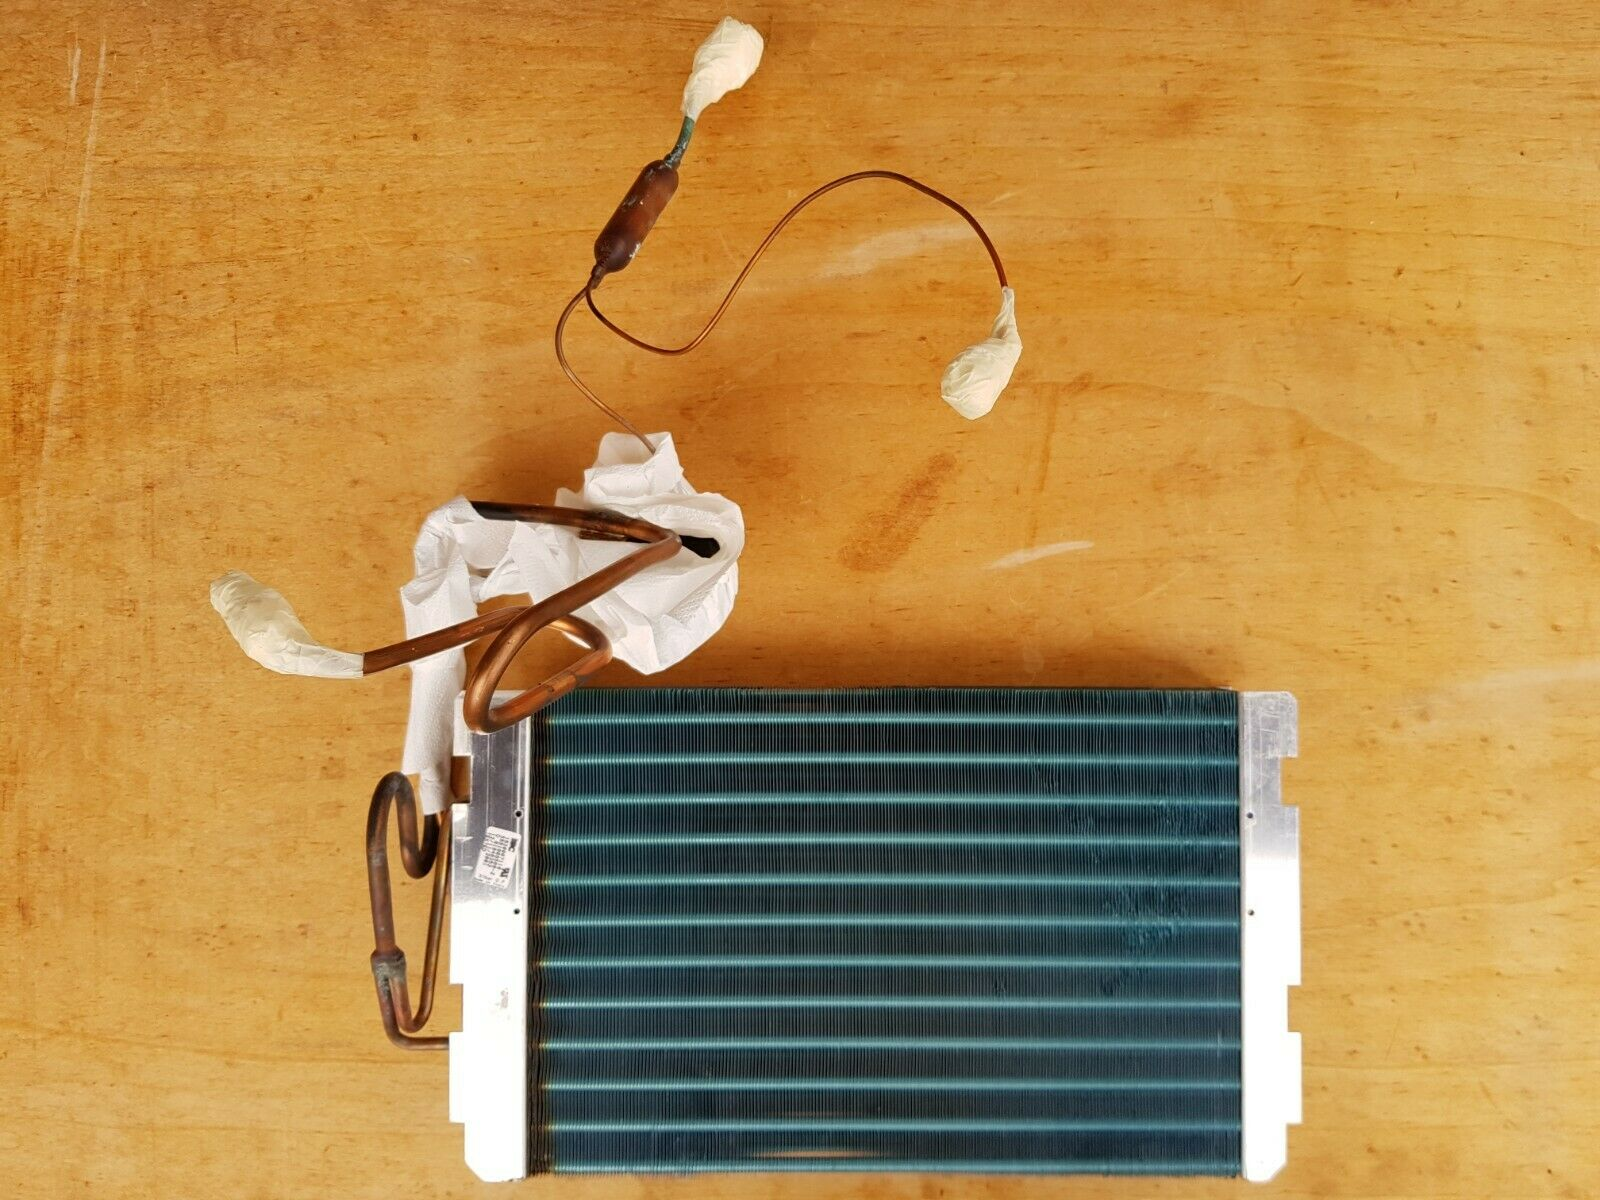 Condensatore Climattizzatore DELONGHI PINGUINO PAC 70 ECO (Originale)